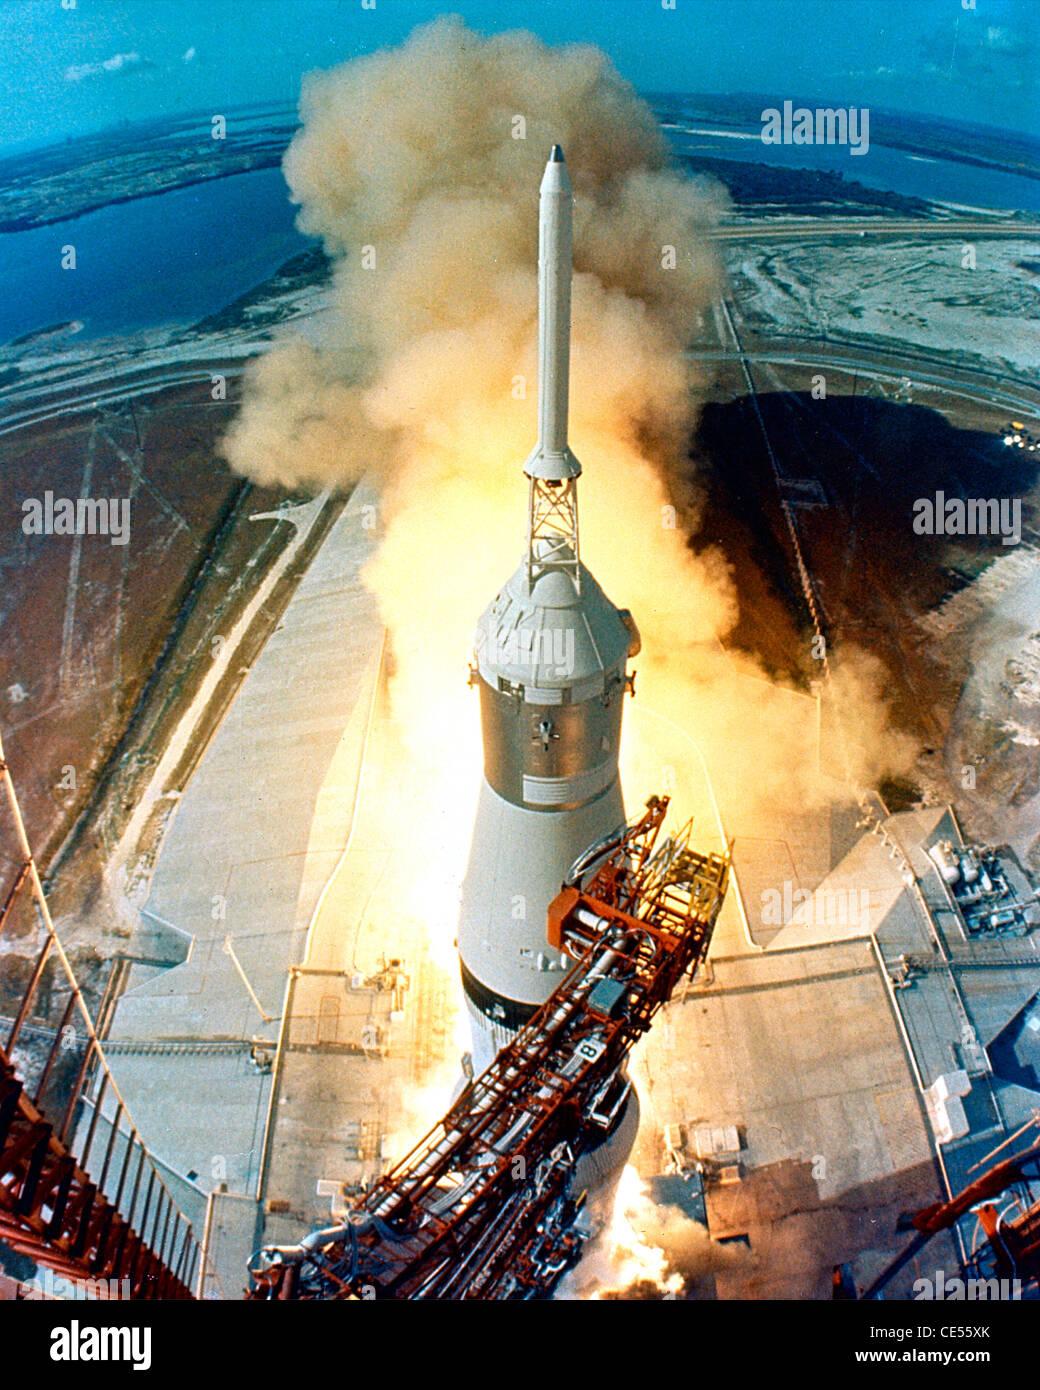 11 Apollo Saturn V veicolo spaziale lancia dal Kennedy Space Center sul suo modo di la luna Foto Stock